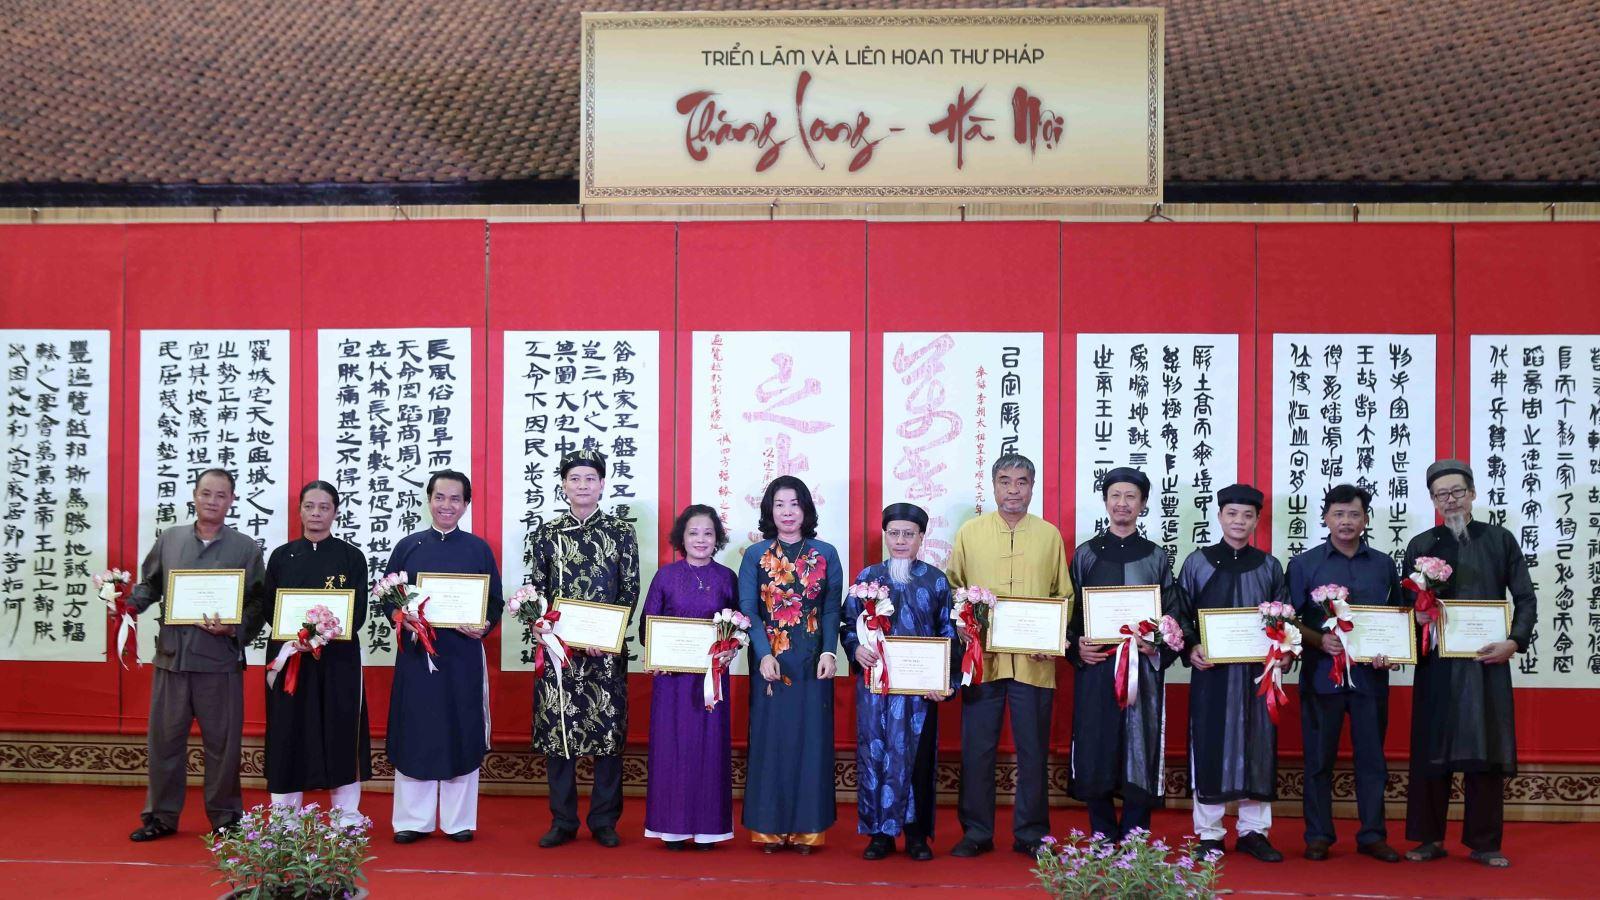 Kỷ niệm 1010 năm Thăng Long - Hà Nội: Triển lãm và liên hoan thư pháp chủ đề 'Thăng Long - Hà Nội'